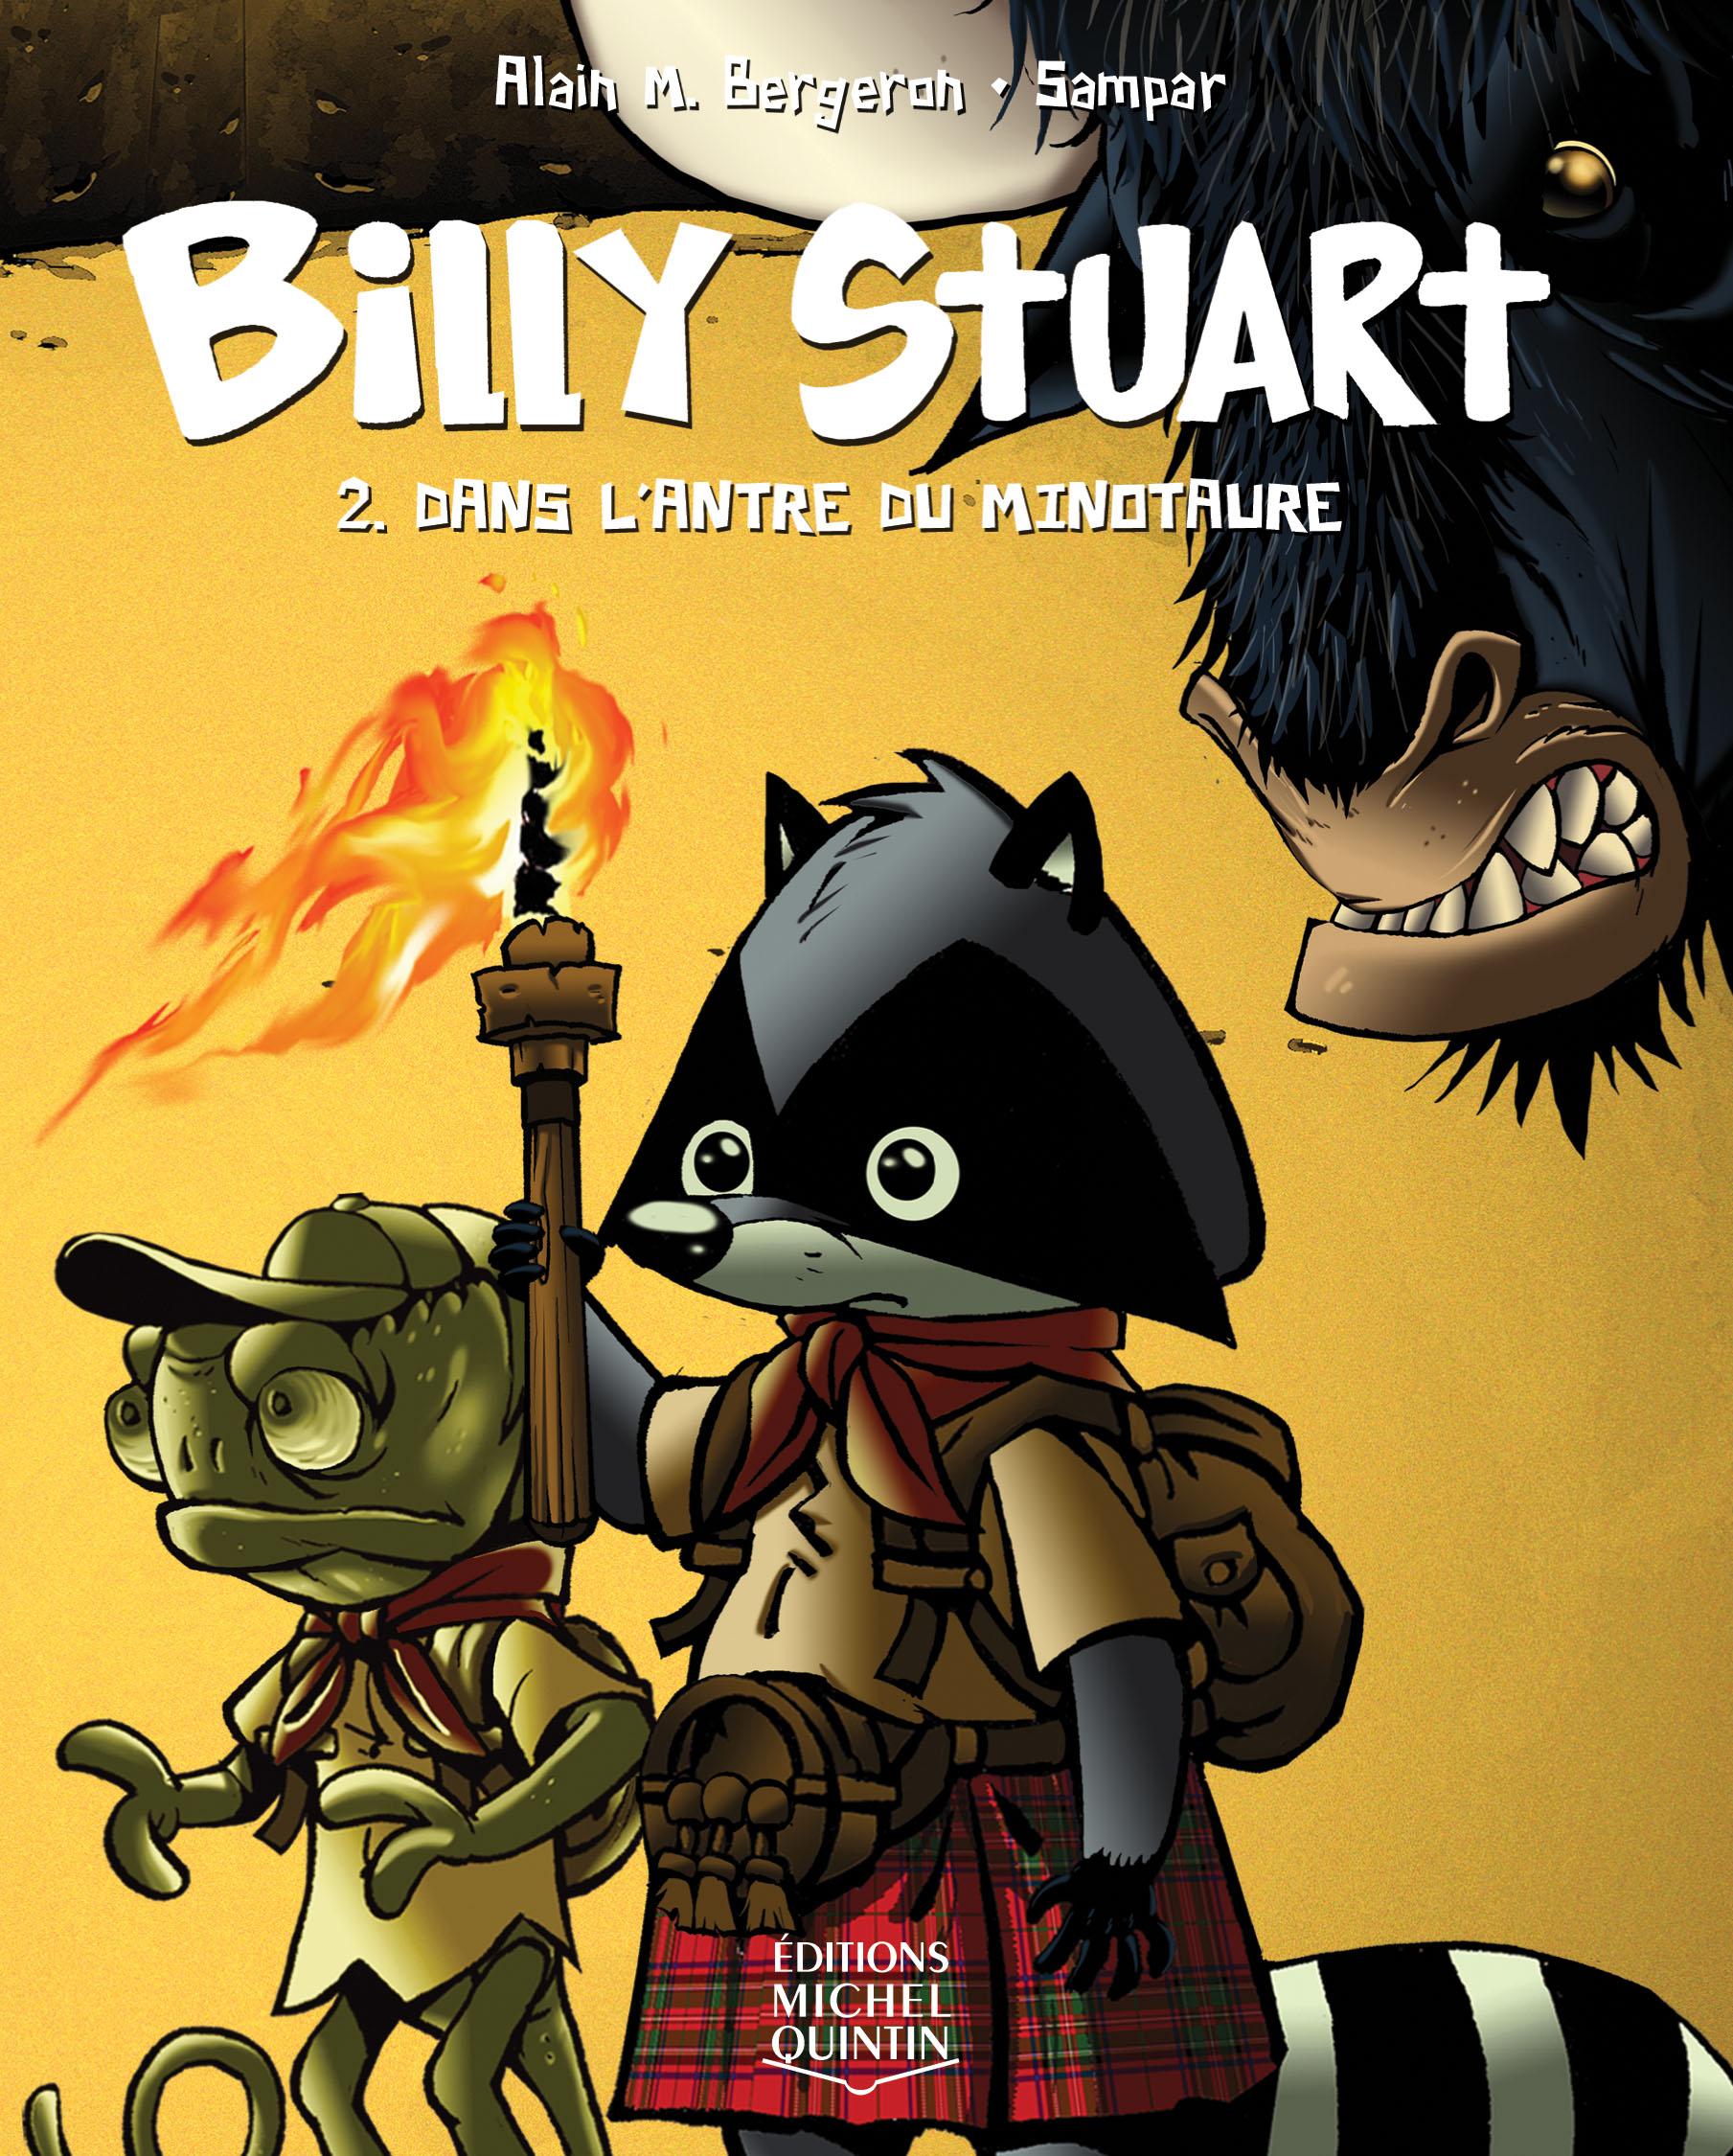 Couverture : Billy Stuart T.2 : Dans l'antre du minotaure Alain M. Bergeron,  Sampar